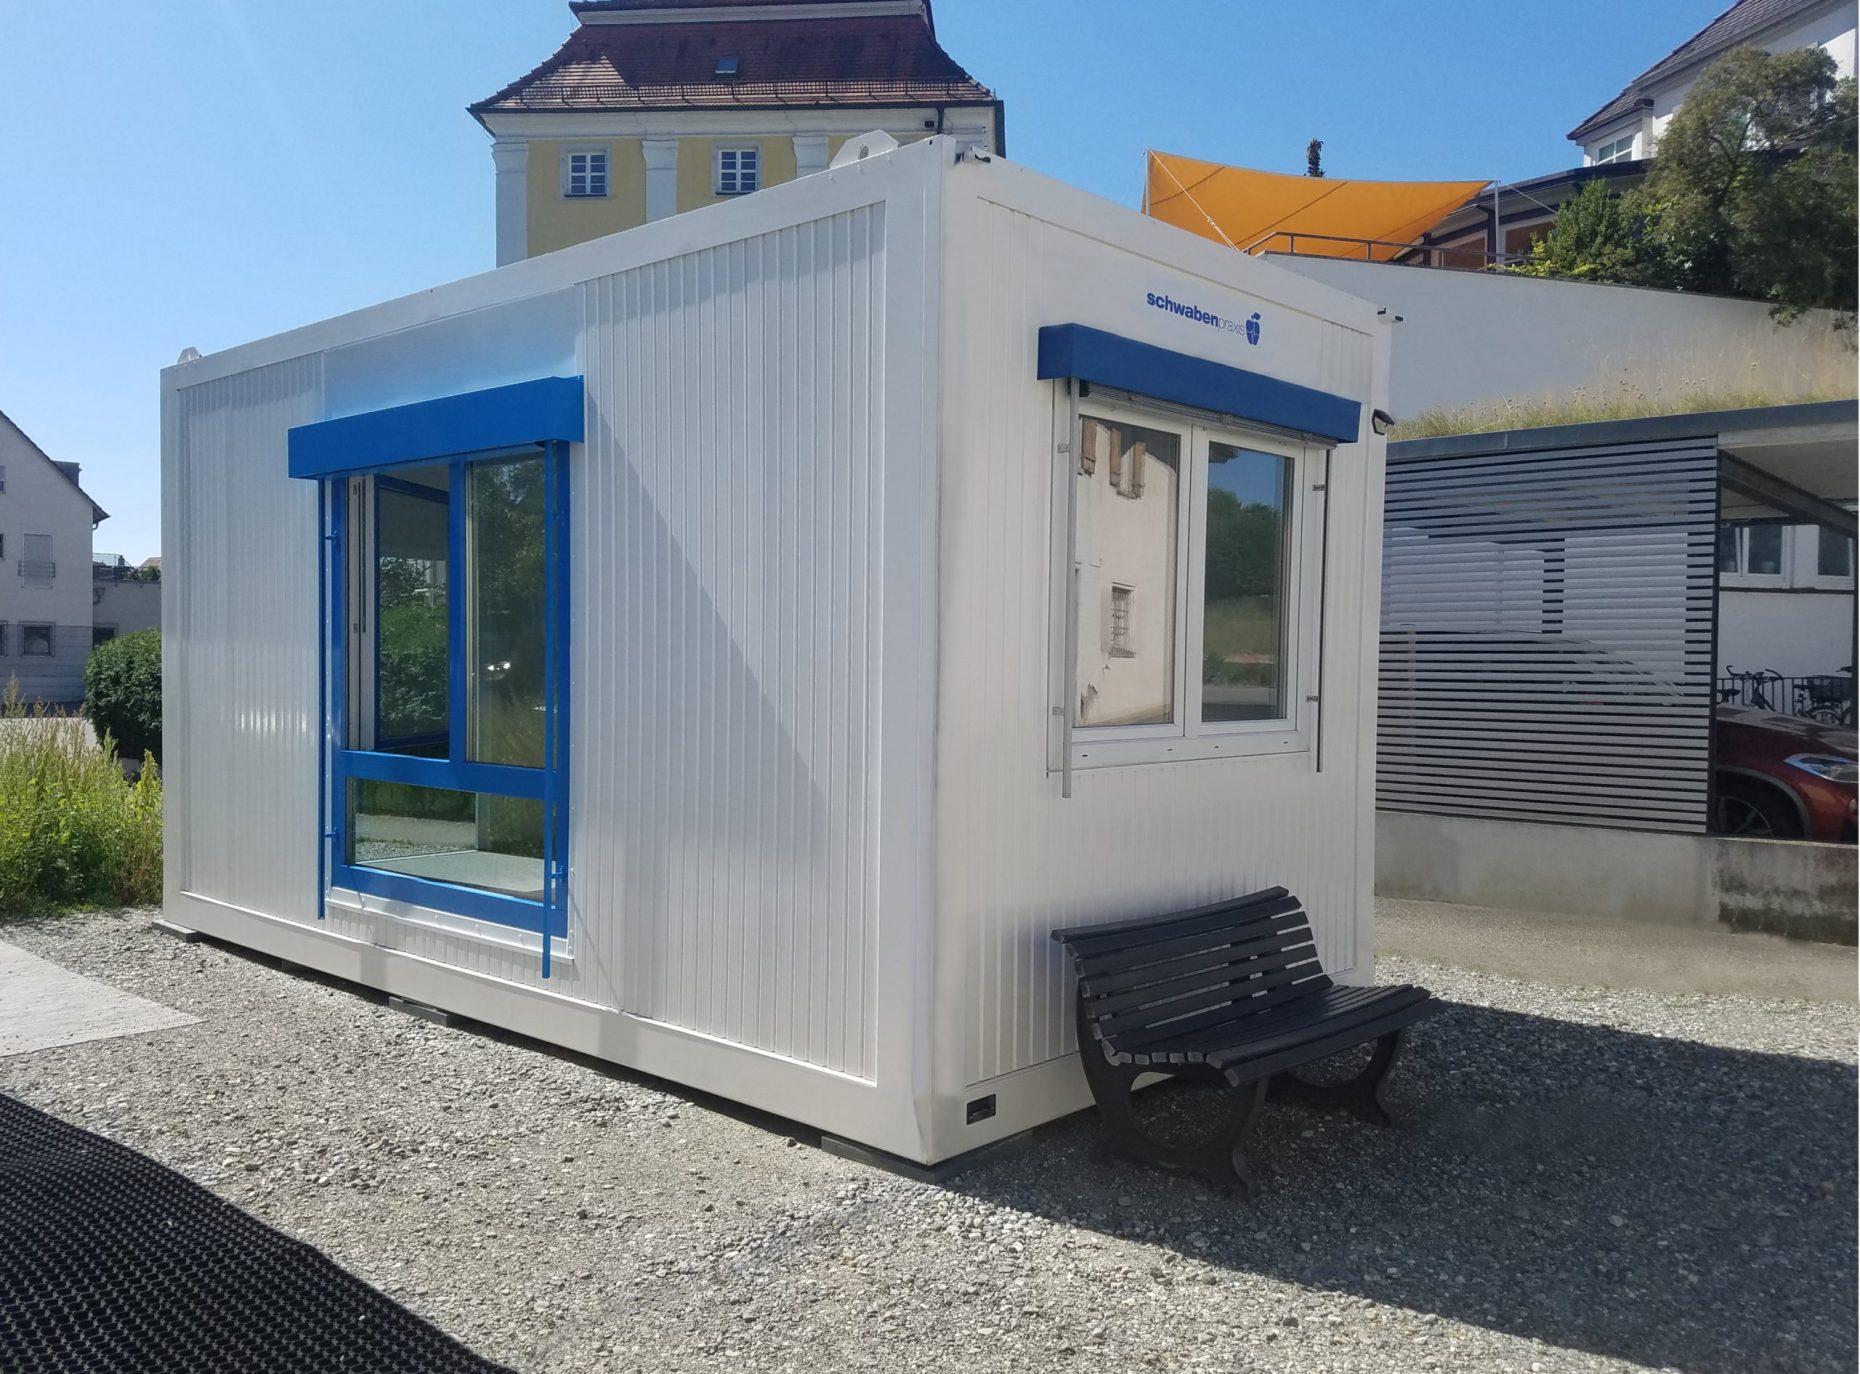 , Mehr Platz für die SchwabenPraxis, Bad Schussenried, Heinkel Modulbau